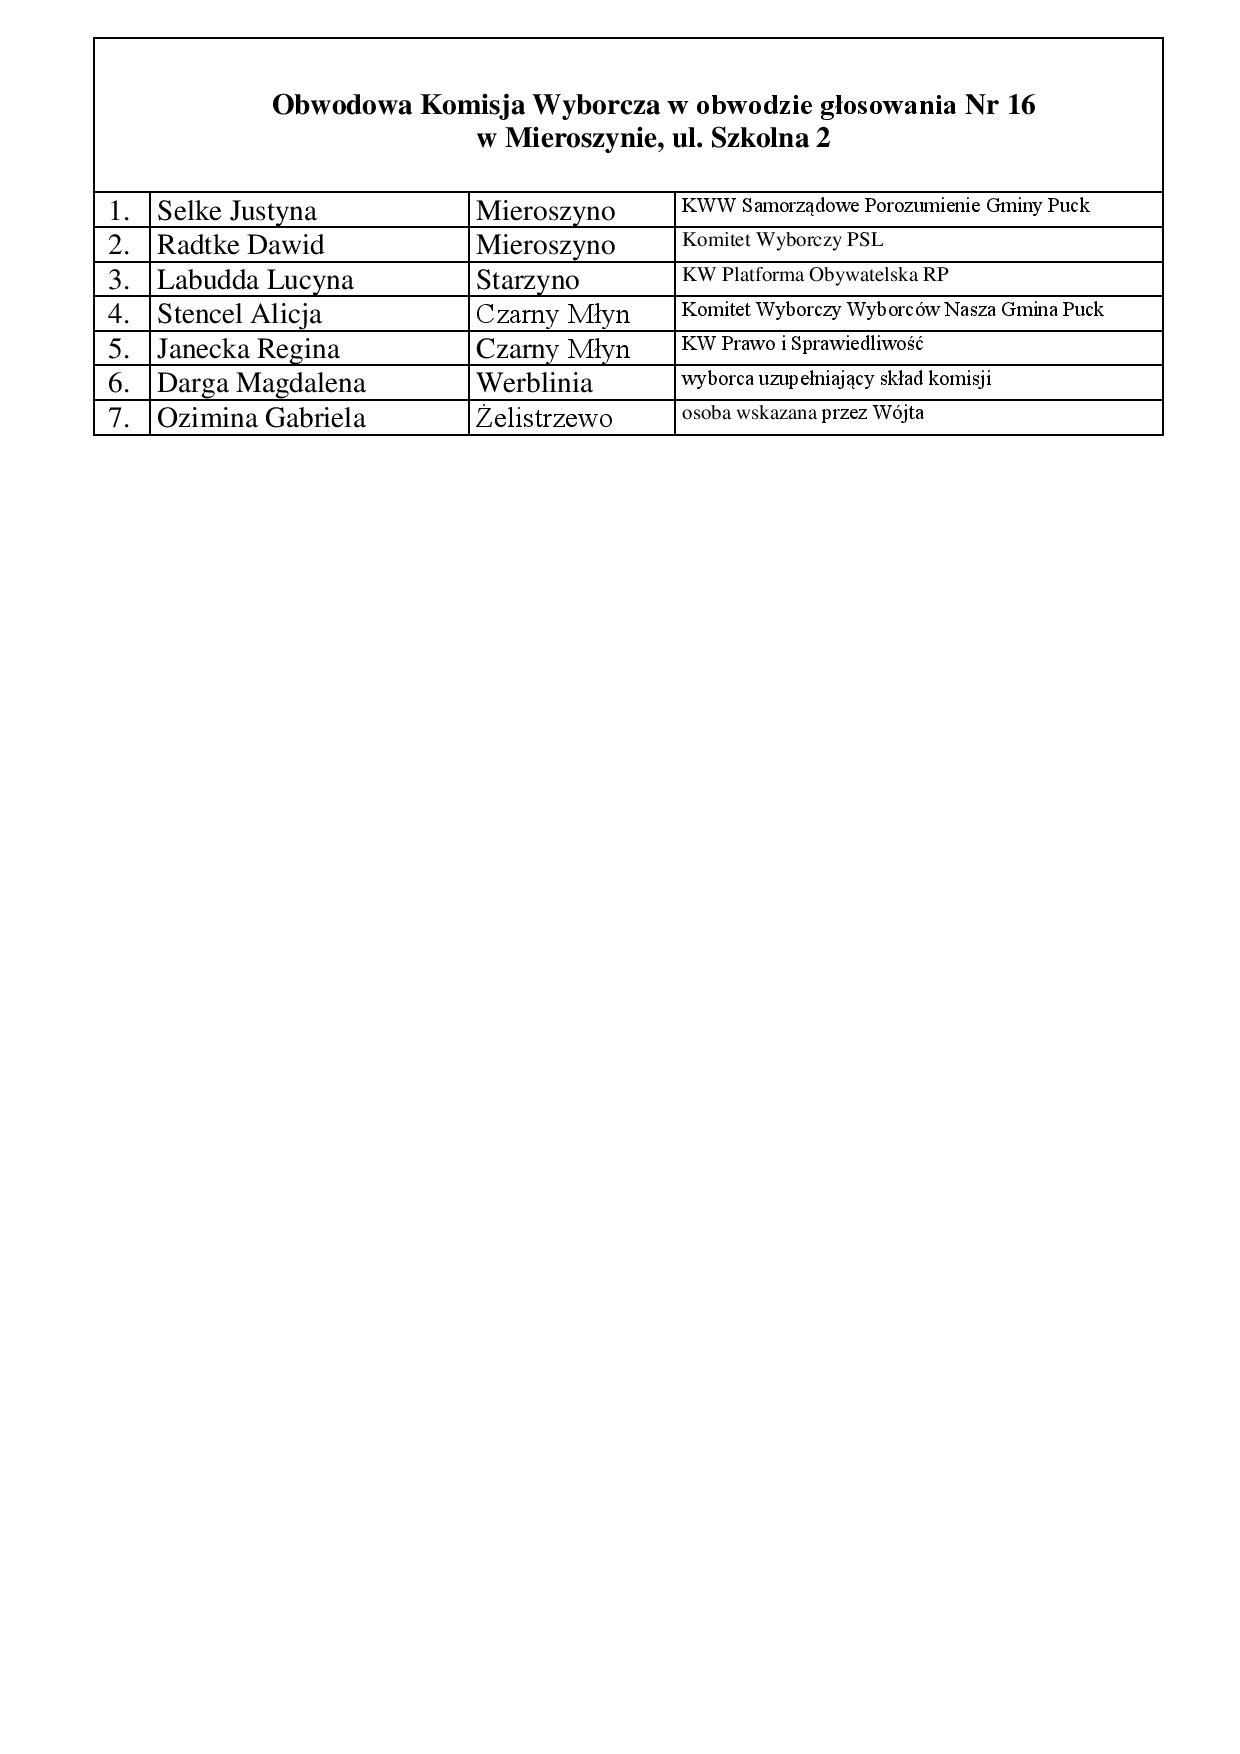 ZAŁĄCZNIK do UCHWAŁY Nr 5 GKW z dnia 22.10.2014 r.-page-005